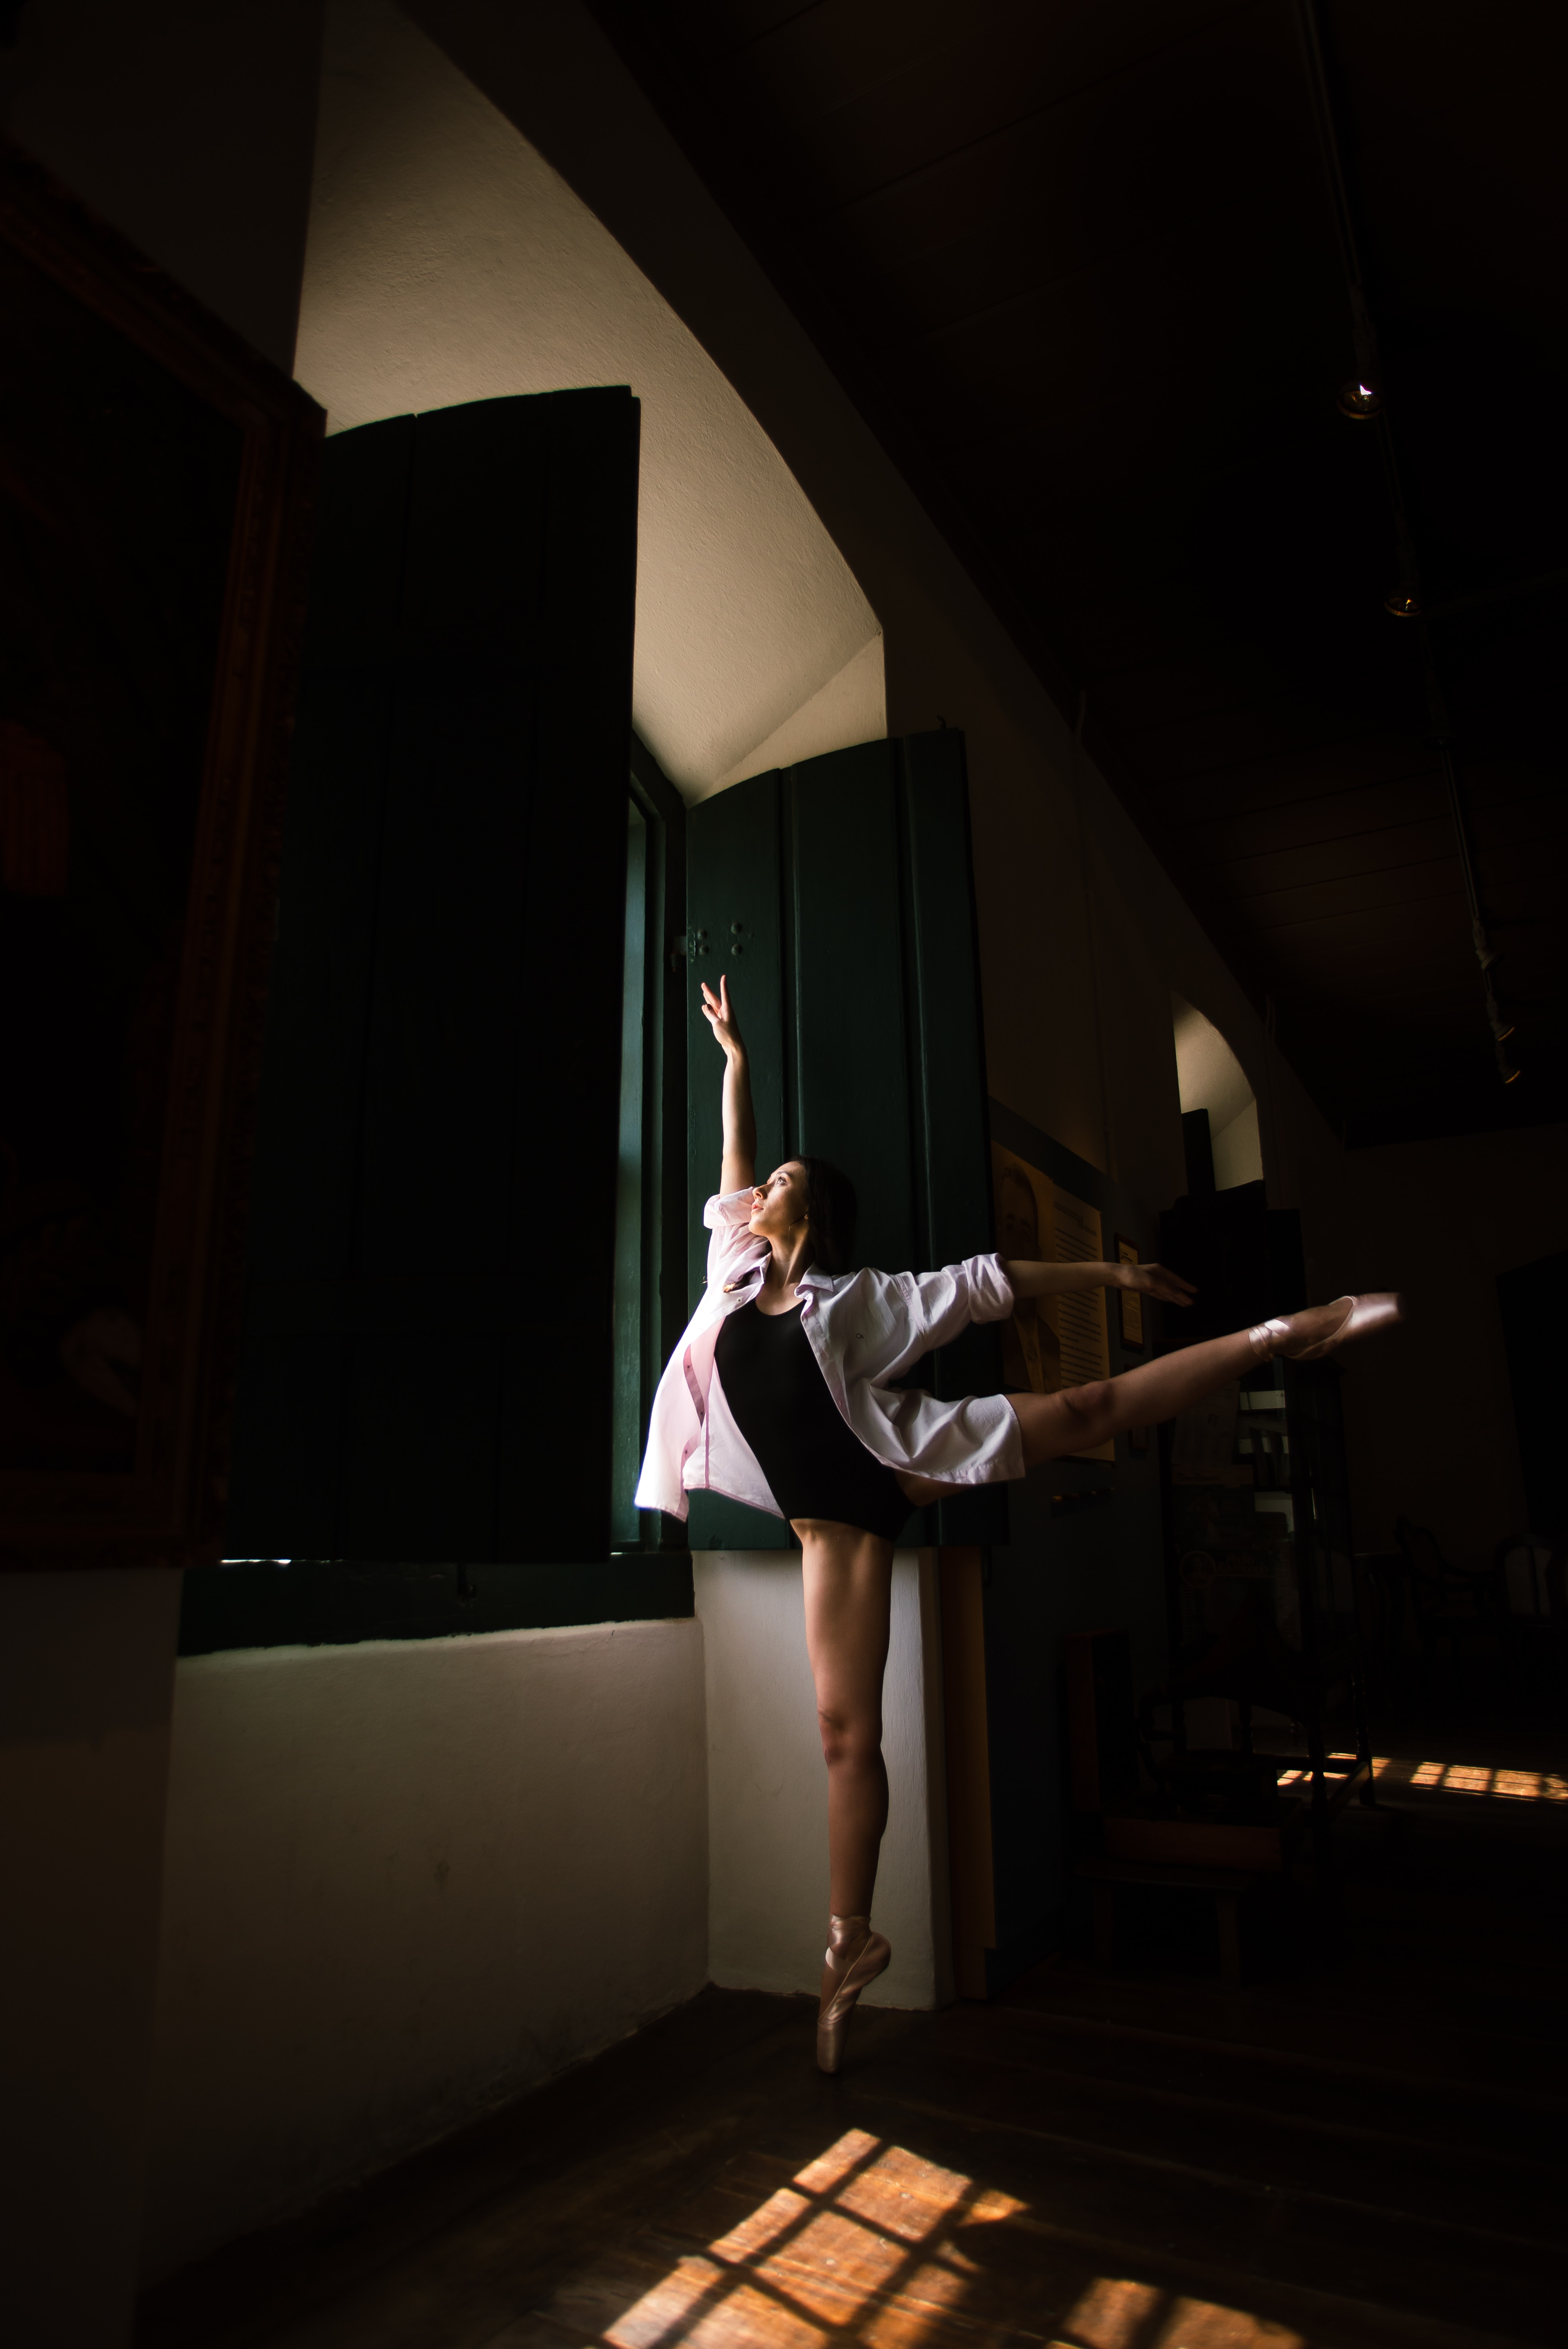 Taniec na rurze wymaga gibkości. Zgadzasz się?